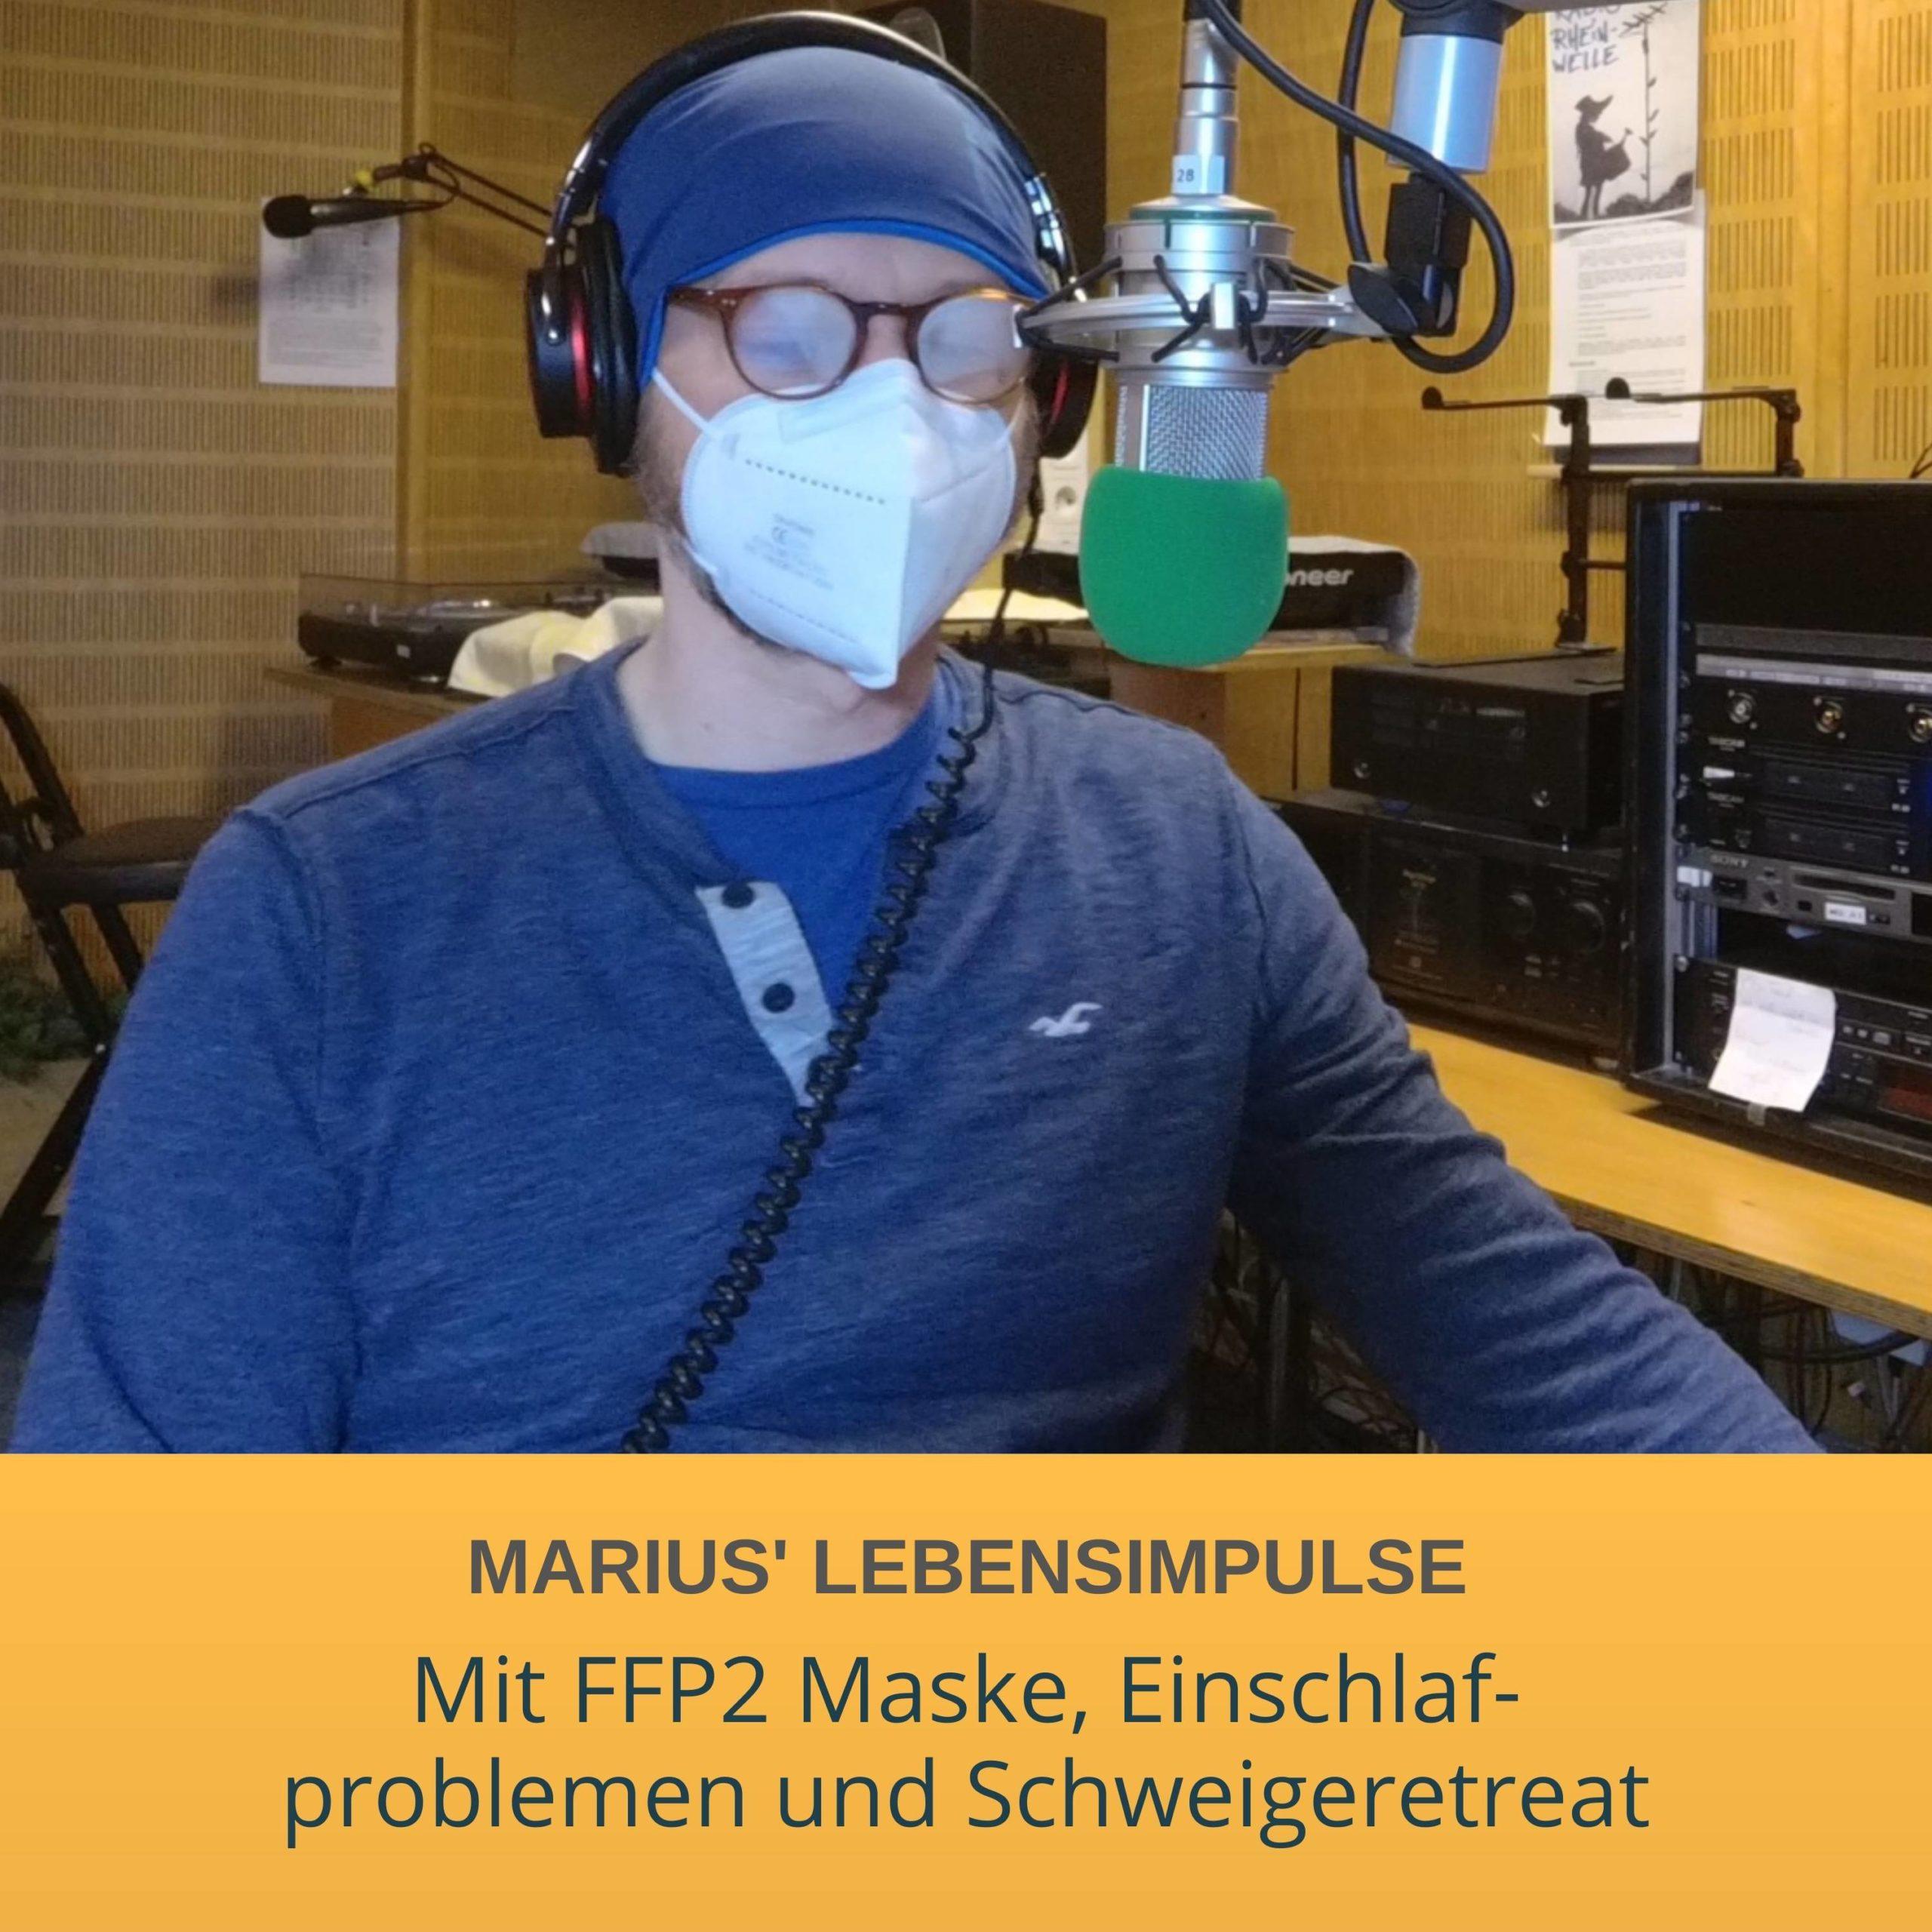 Mit FFP2 Maske, Einschlaf- problemen und Schweigeretreat